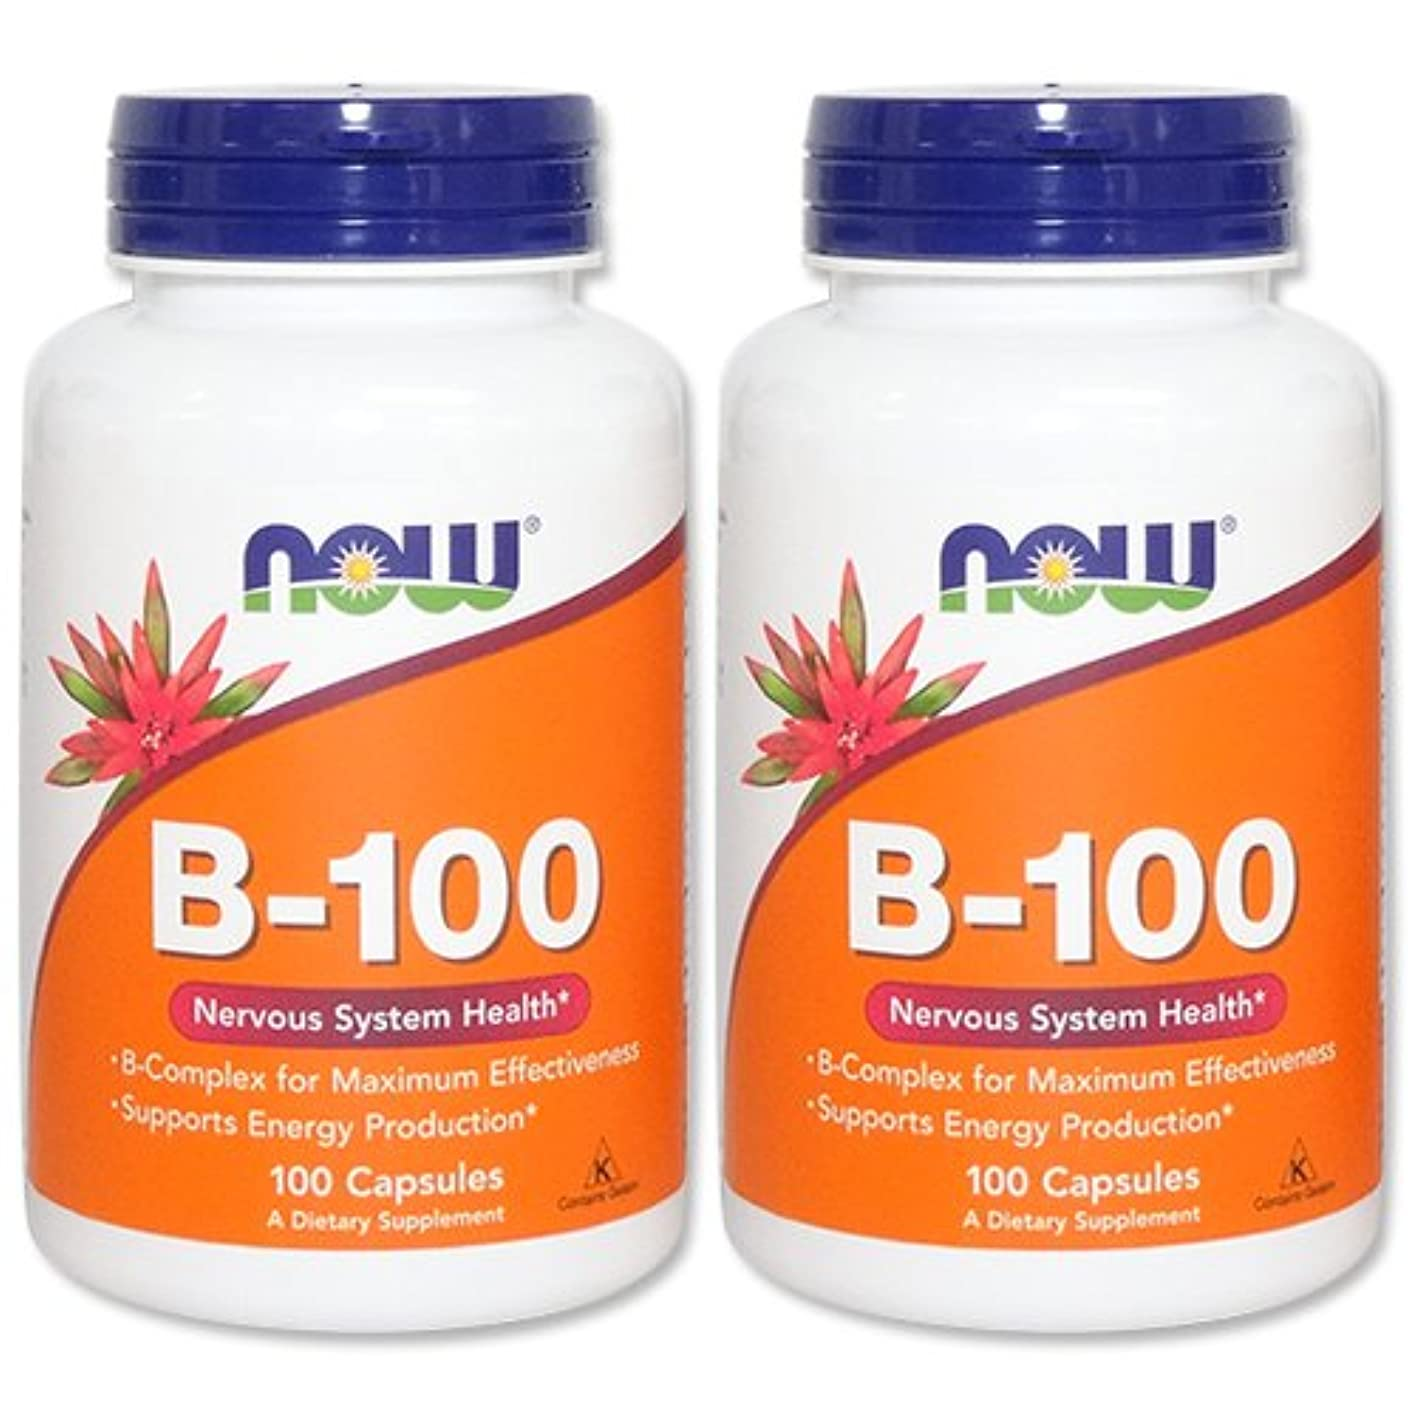 める提案する汚染された【2個セット】 [海外直送品] ビタミンB100 コンプレックス(11種類のビタミンB群をバランスよく高含有)(海外直送品)